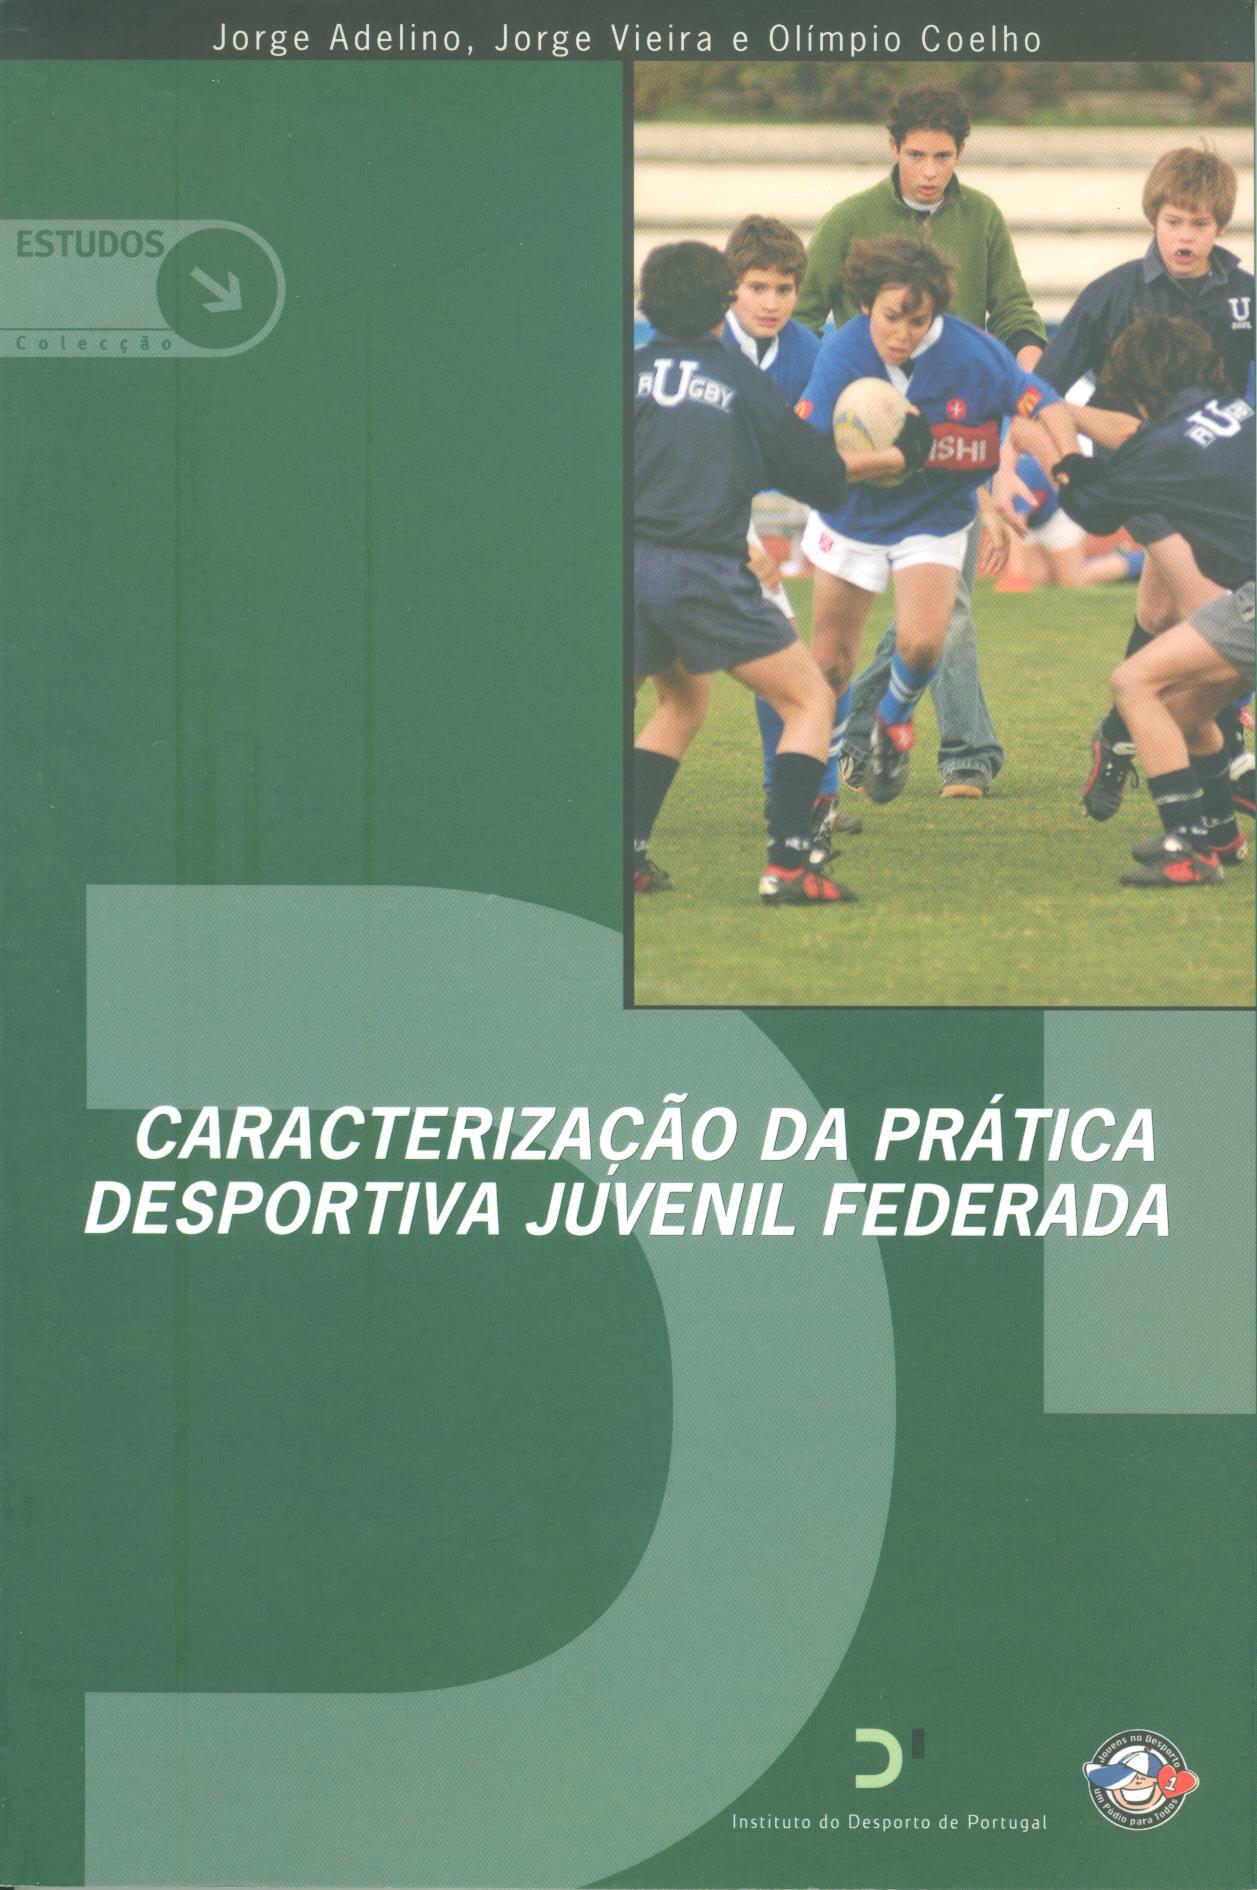 Caracterização da prática desportiva juvenil federada